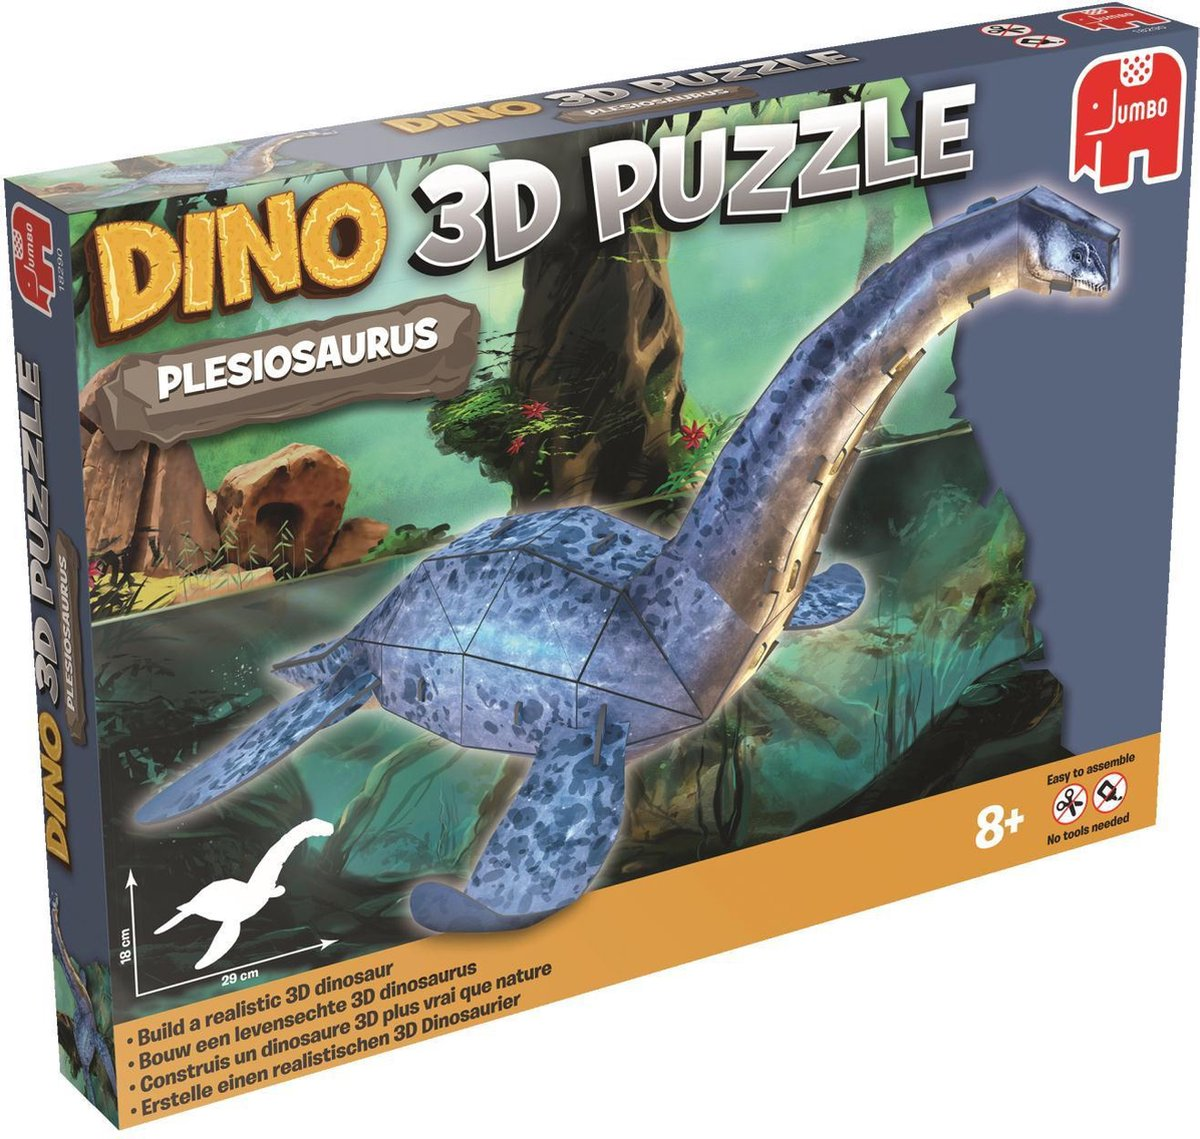 Dino 3D Puzzle Plesiosaurus